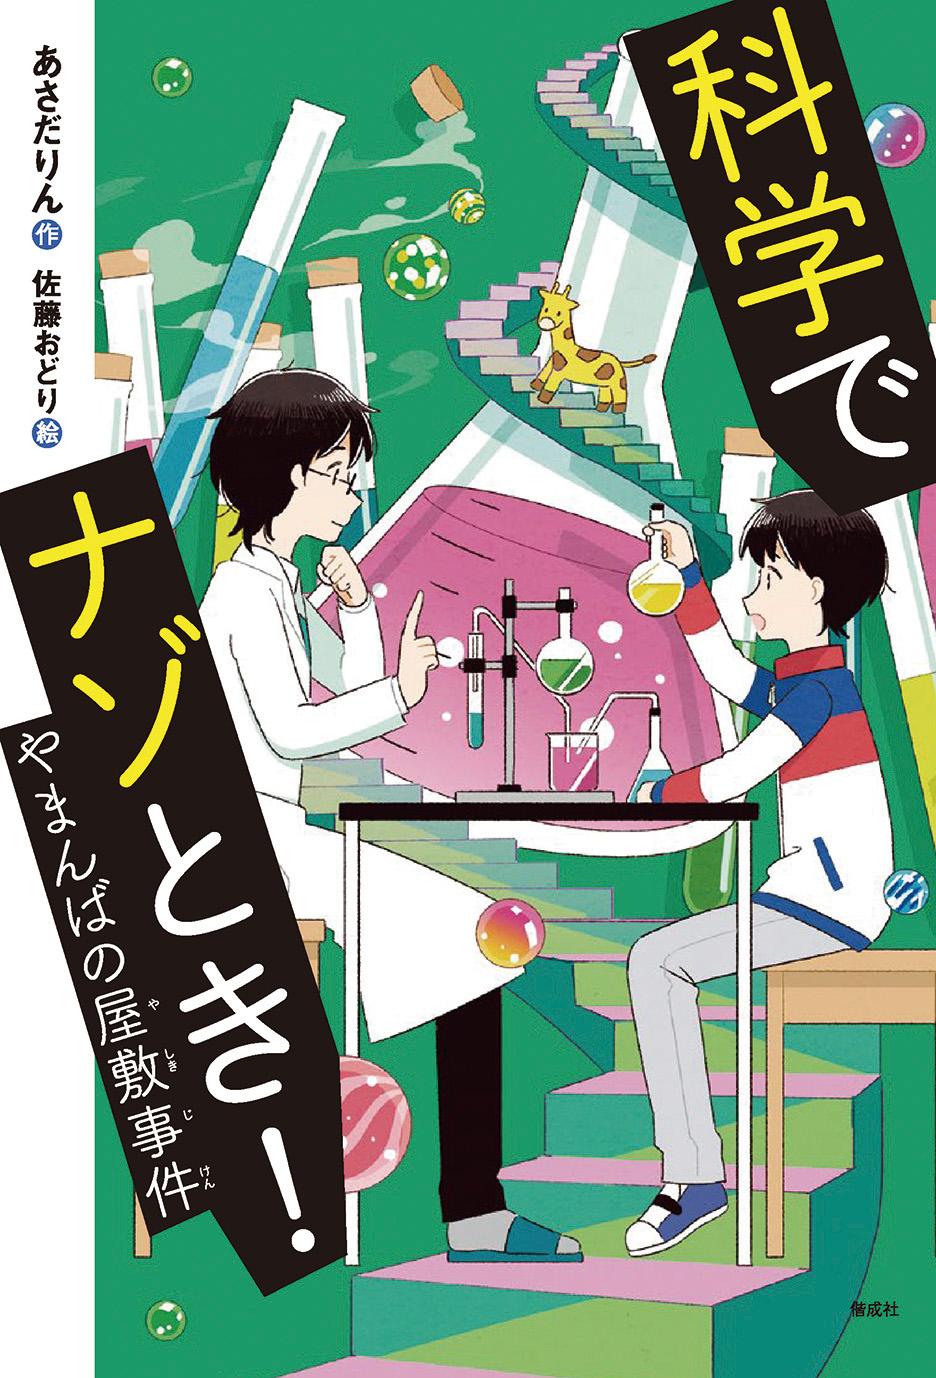 9/16日経新聞で『科学でナゾとき! やまんばの屋敷事件』が紹介されました